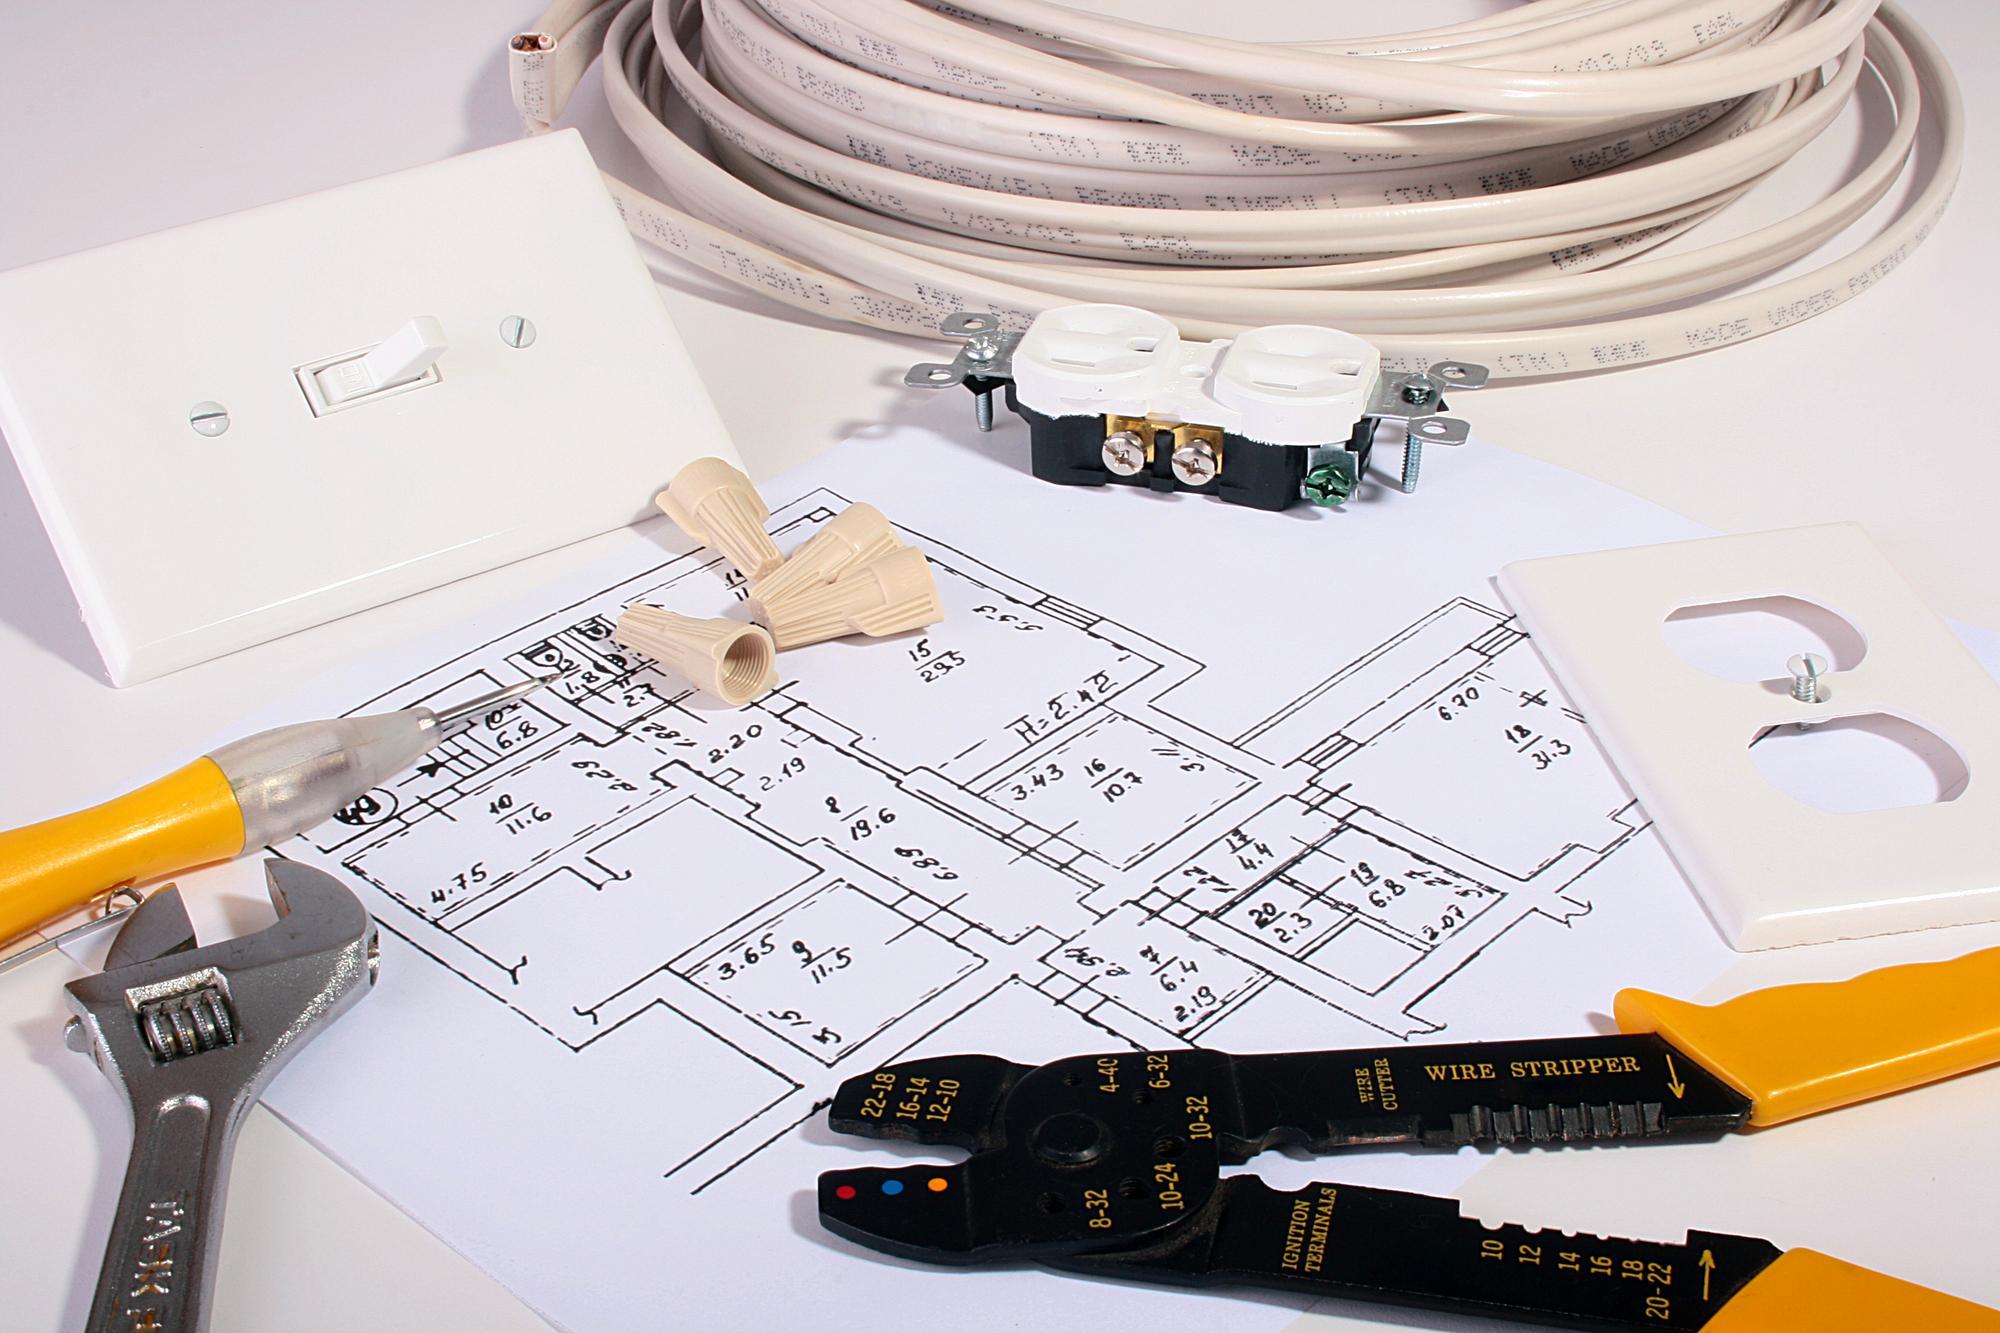 Ogrzewanie domu w budowie – konieczność czy zbędny wydatek?